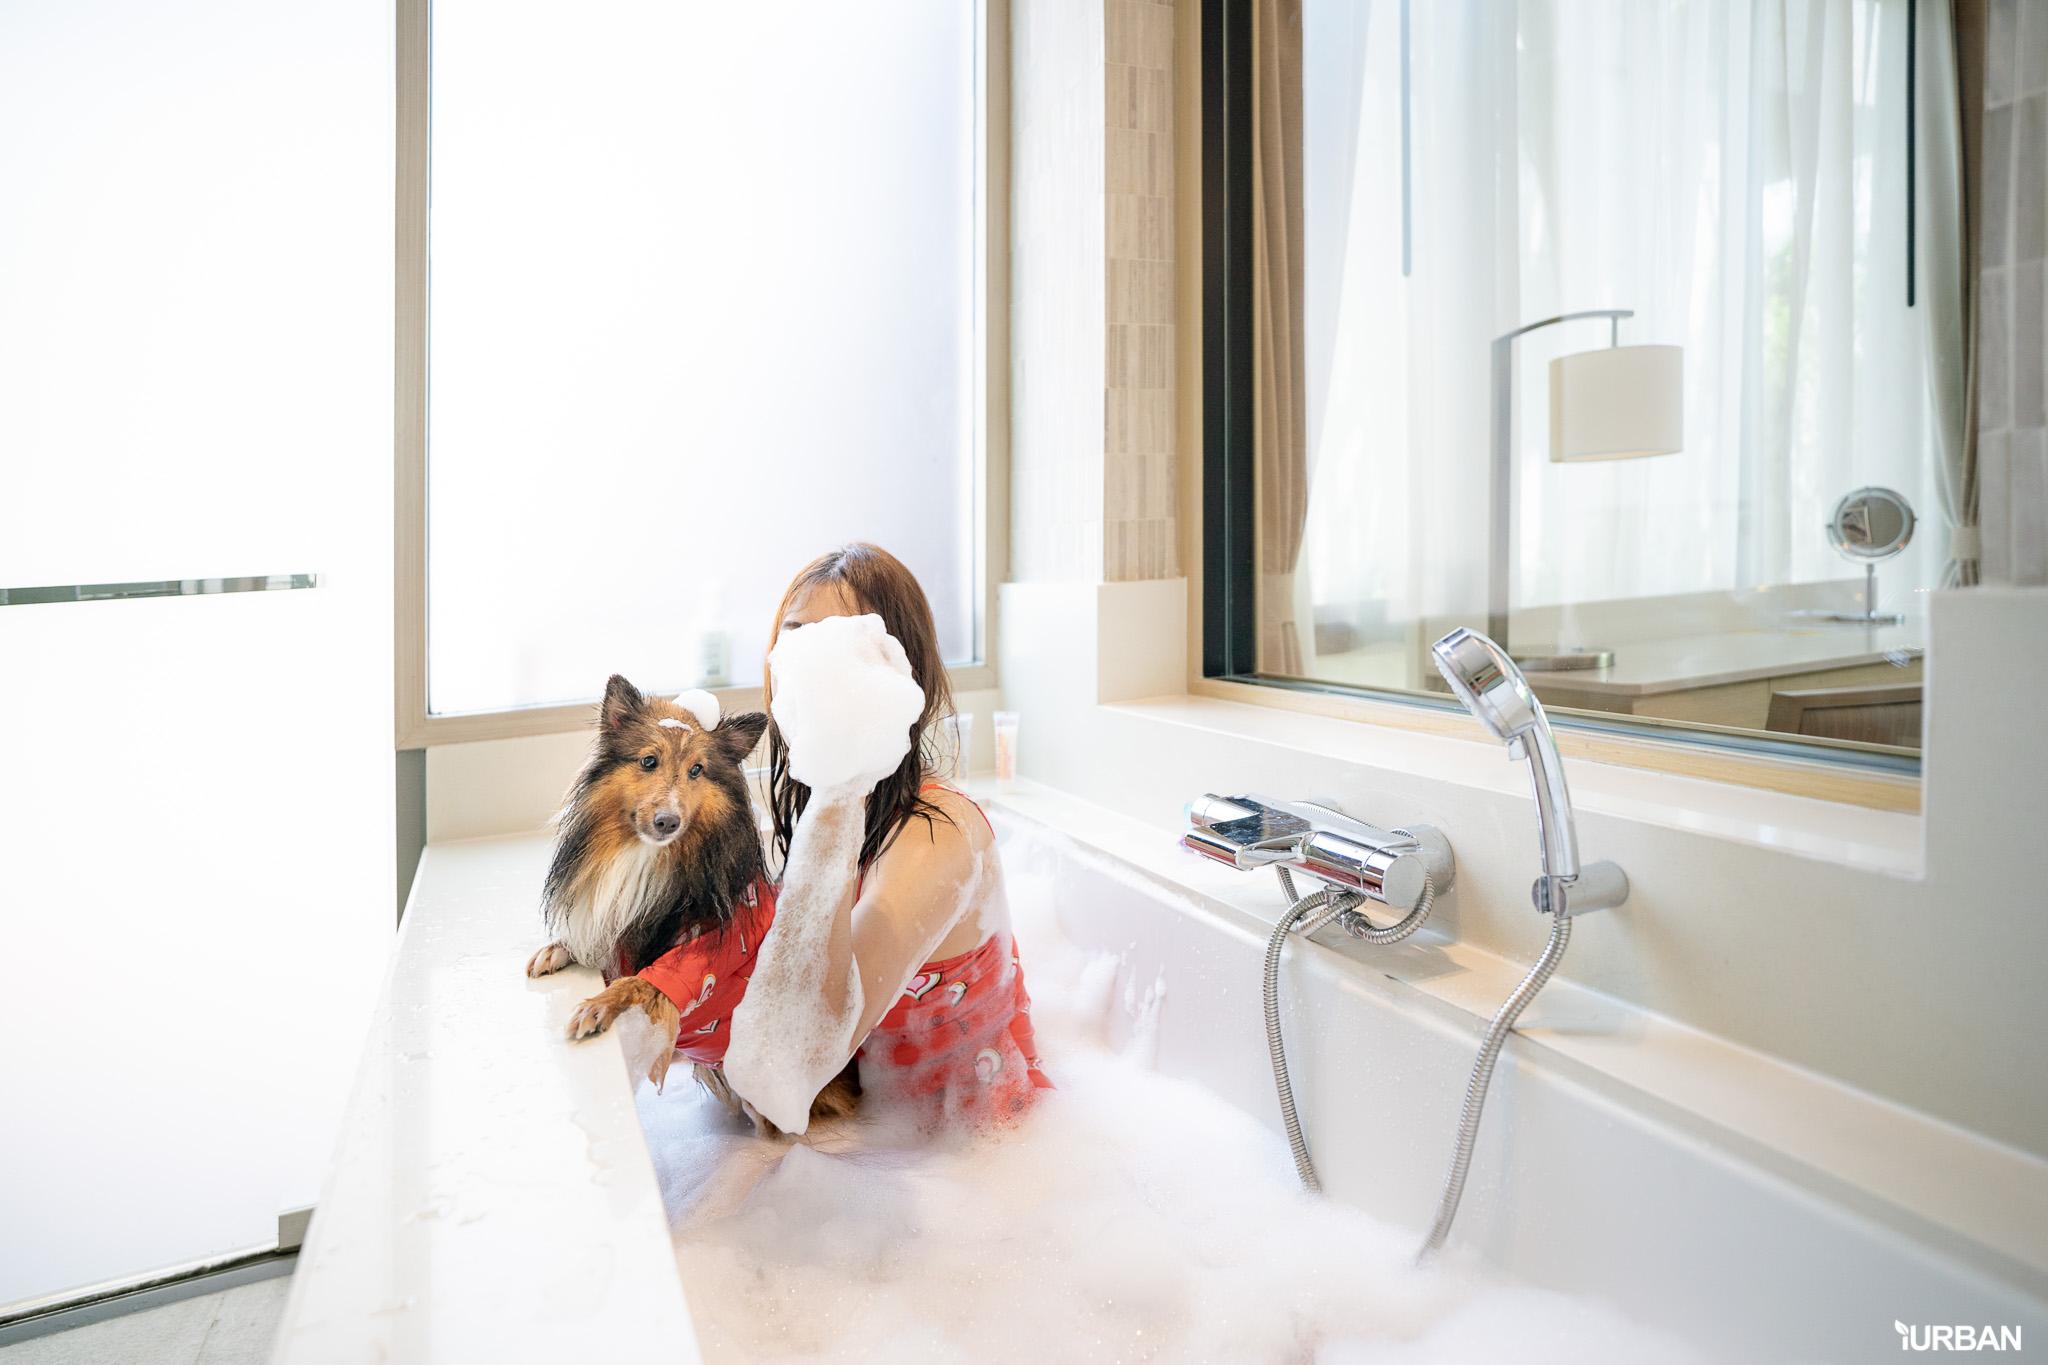 รีวิว Avani+ Hua Hin Resort พูลวิลล่าส่วนตัวสุดหรู หนึ่งในรีสอร์ทสุนัขพักได้ที่ดีที่สุดในไทยจากเชนจ์ Minor 51 - Avani